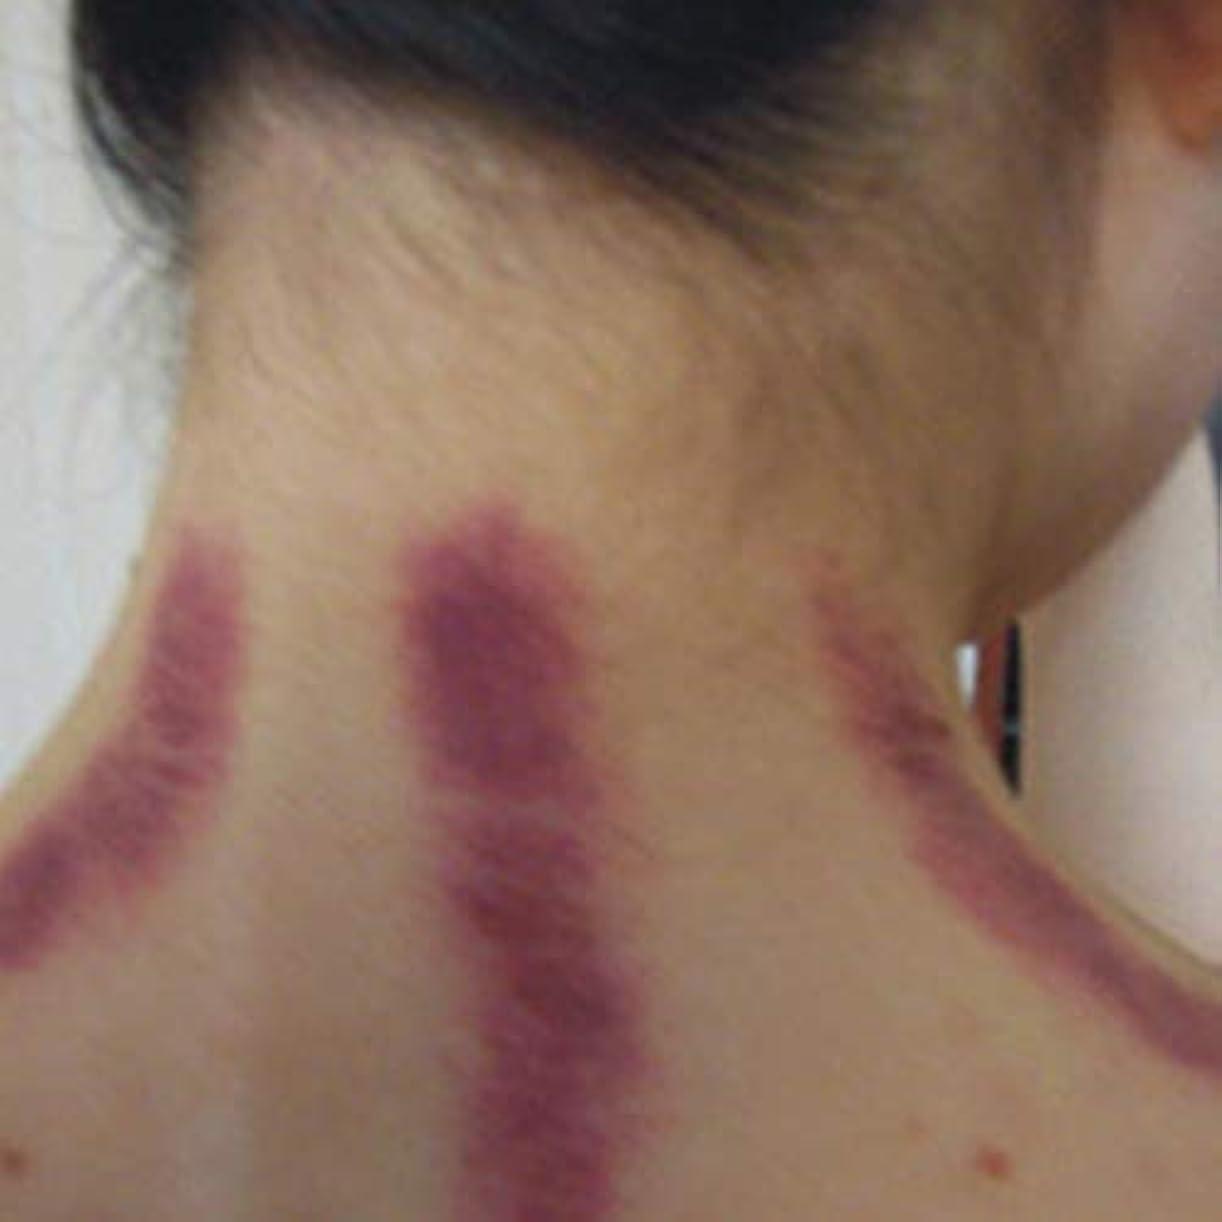 征服者セマフォアラブ人Compact Size Gua Sha Facial Treatment Massage Tool Imitation horn scraping